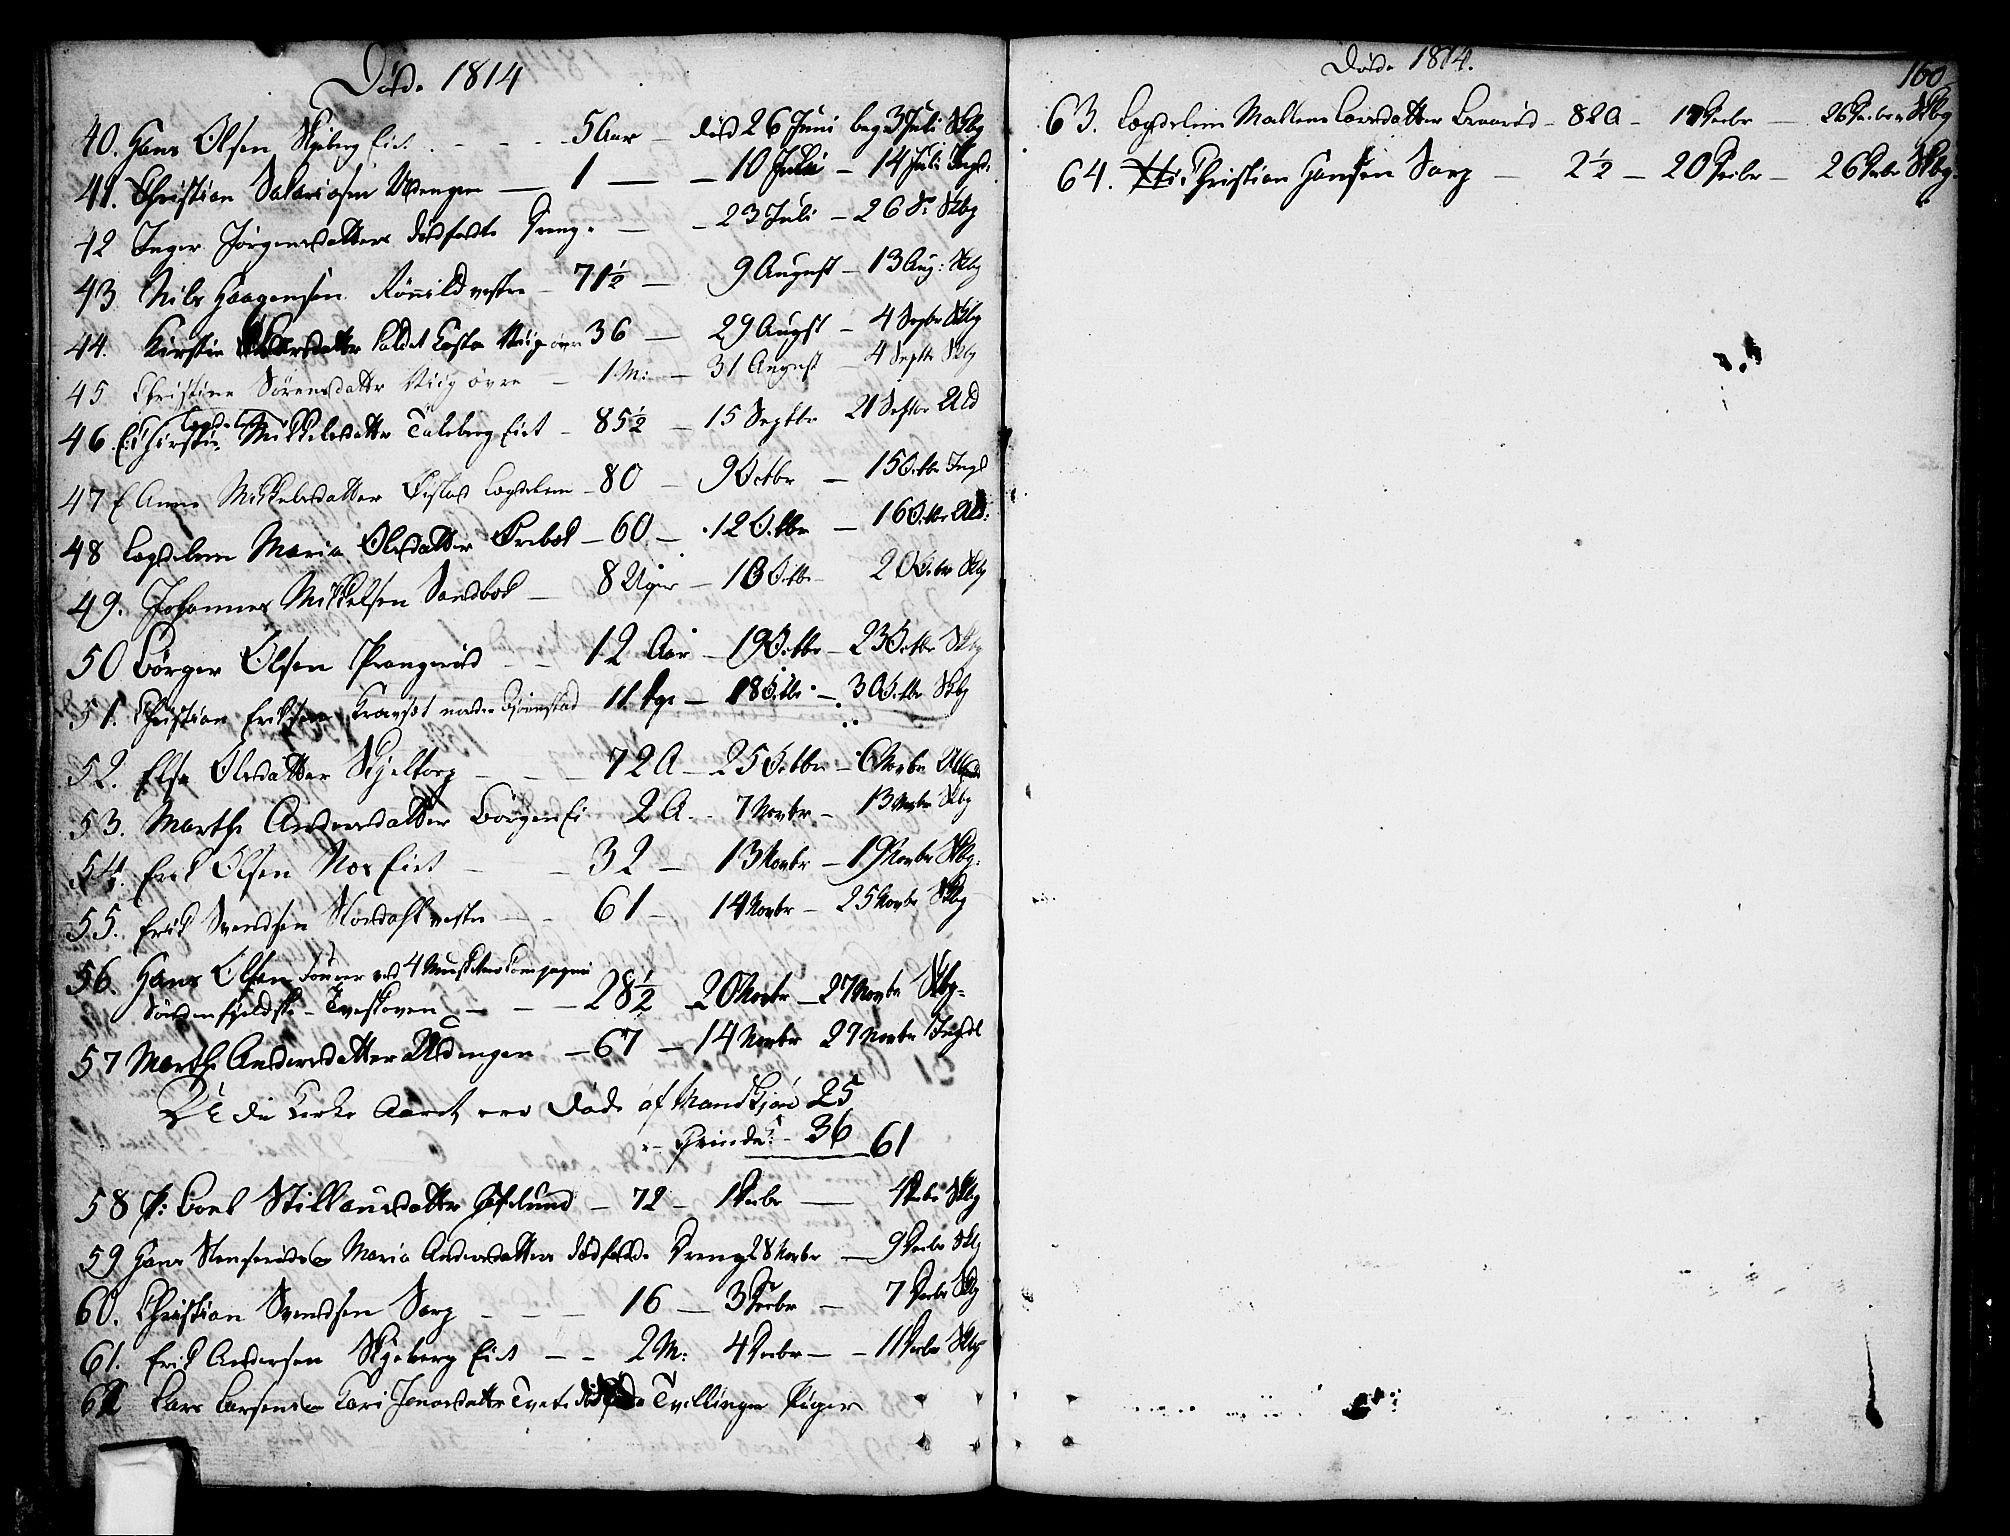 SAO, Skjeberg prestekontor Kirkebøker, F/Fa/L0003: Ministerialbok nr. I 3, 1792-1814, s. 160